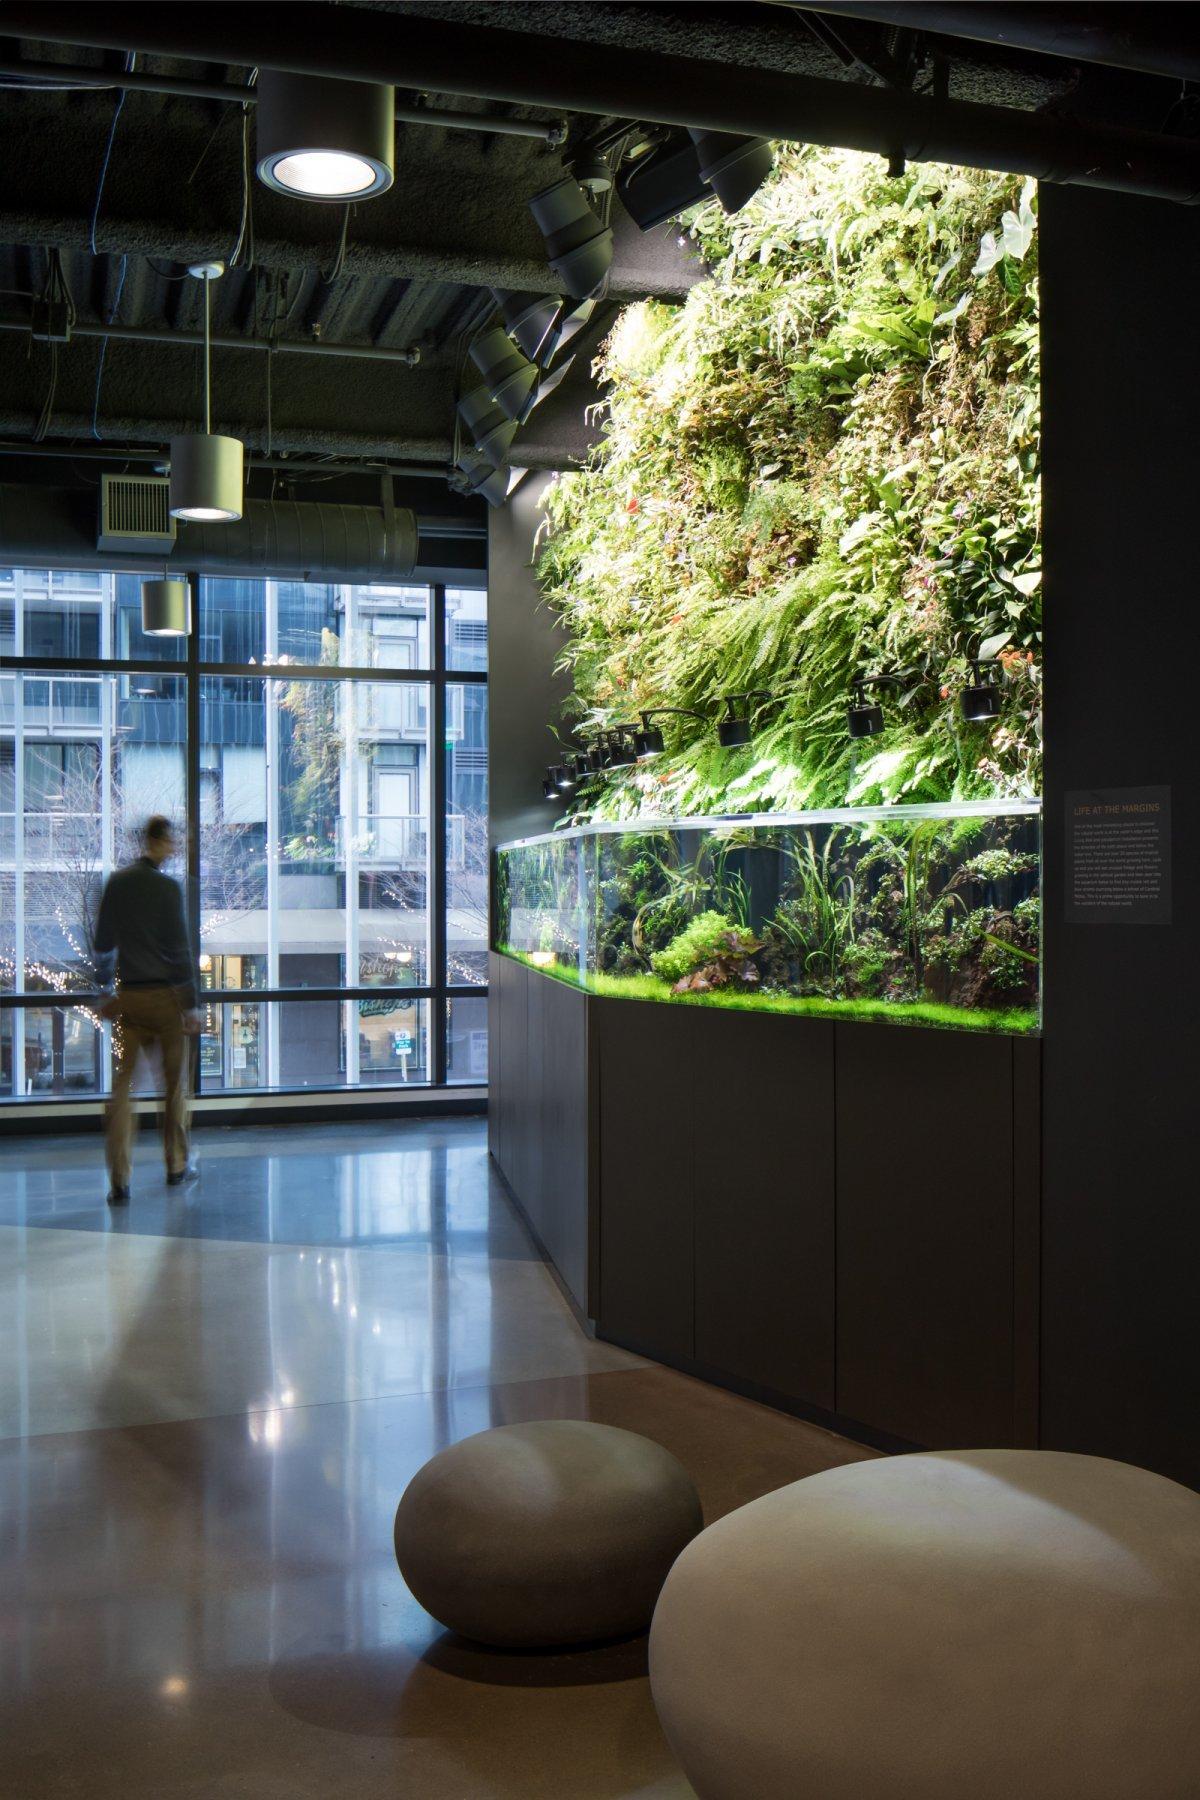 Day 1内部に設けられたグーリンスペース。壁には植物が植えられ、水槽には水草も生えている